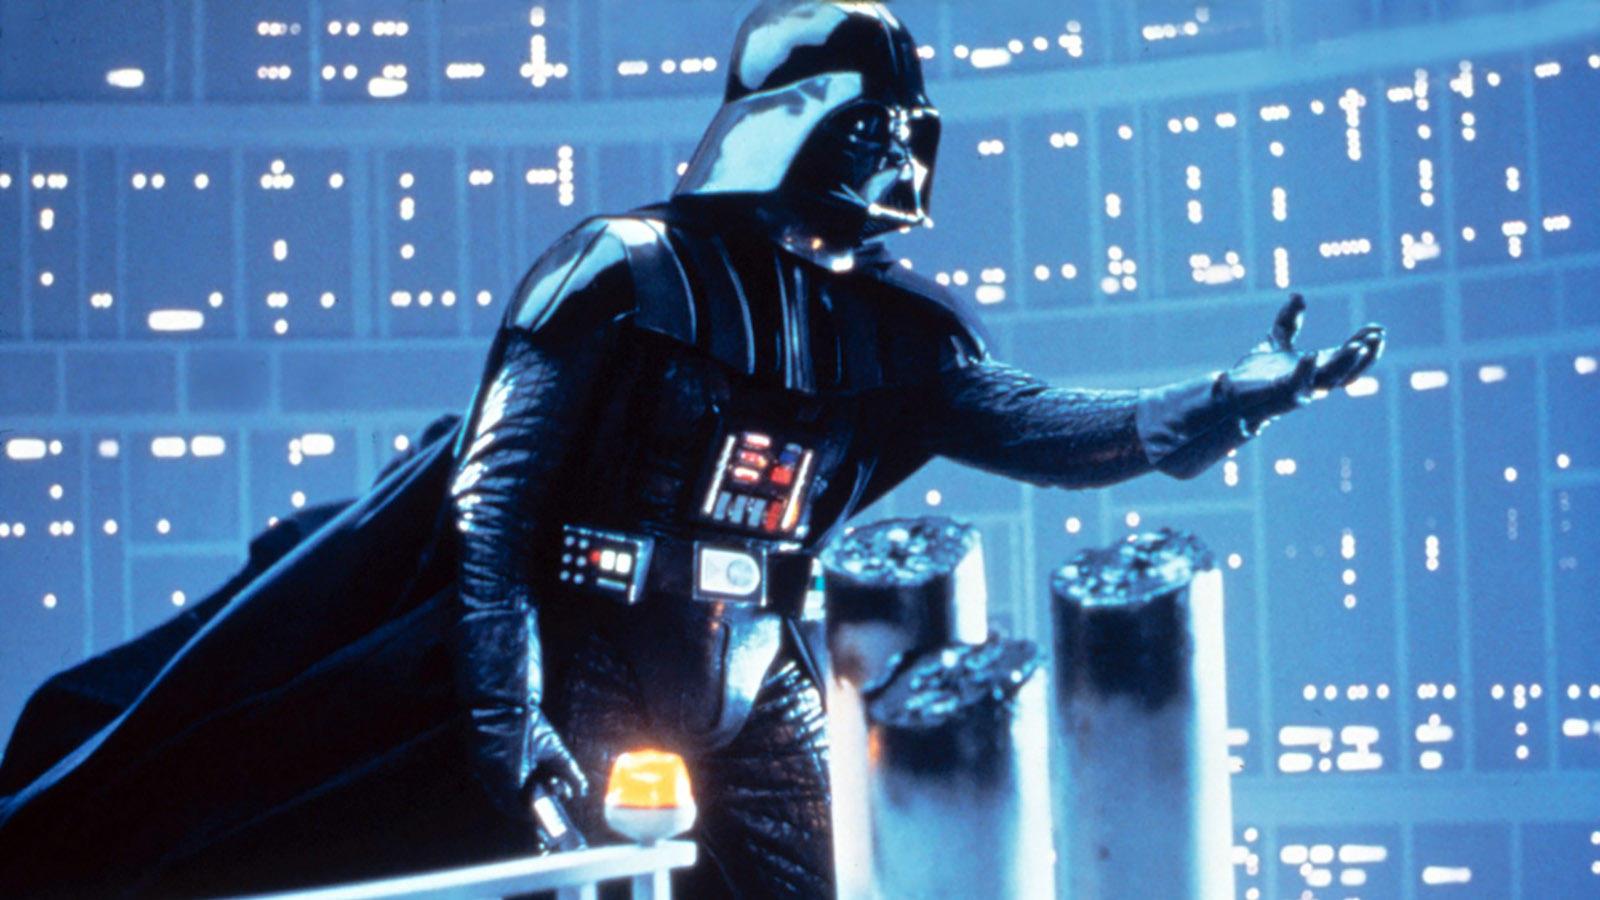 """""""Luke, én vagyok az apád!"""" – a mondat, ami generációk agyát olvasztotta már le. Darth Vader Luke Skywalker apja?! Mi van? Most komolyan? Akkor ki a manó az a másik Jedi, akit Yoda emlegetett? És Luke most akkor tényleg levágta a kezét? (Twentieth Century Fox)"""